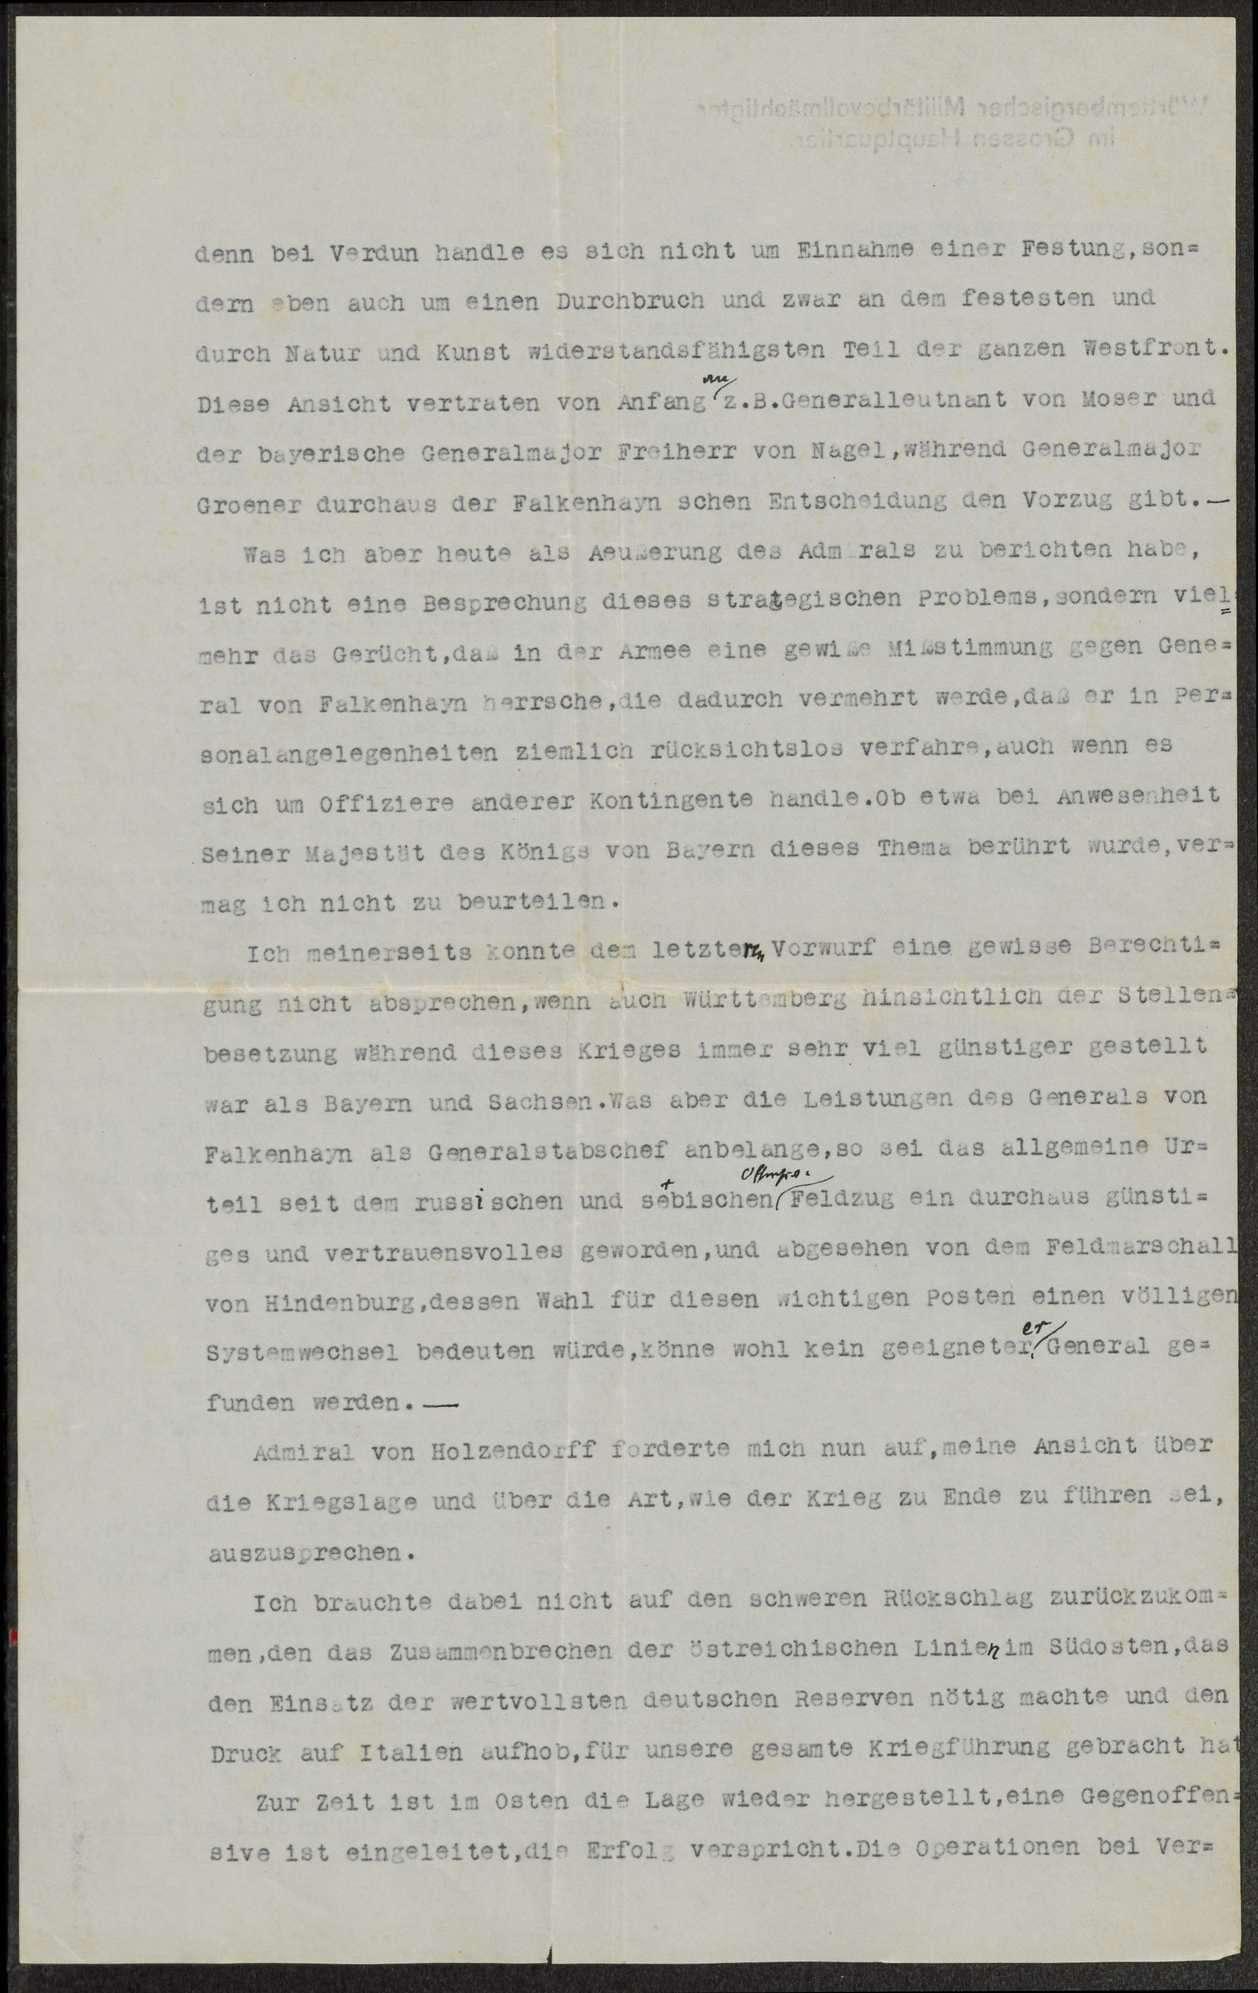 Berichte des württembergischen Militärbevollmächtigten beim Großen Hauptquartier, v. Graevenitz, an Weizsäcker über die militärische Lage u.a., Bild 3